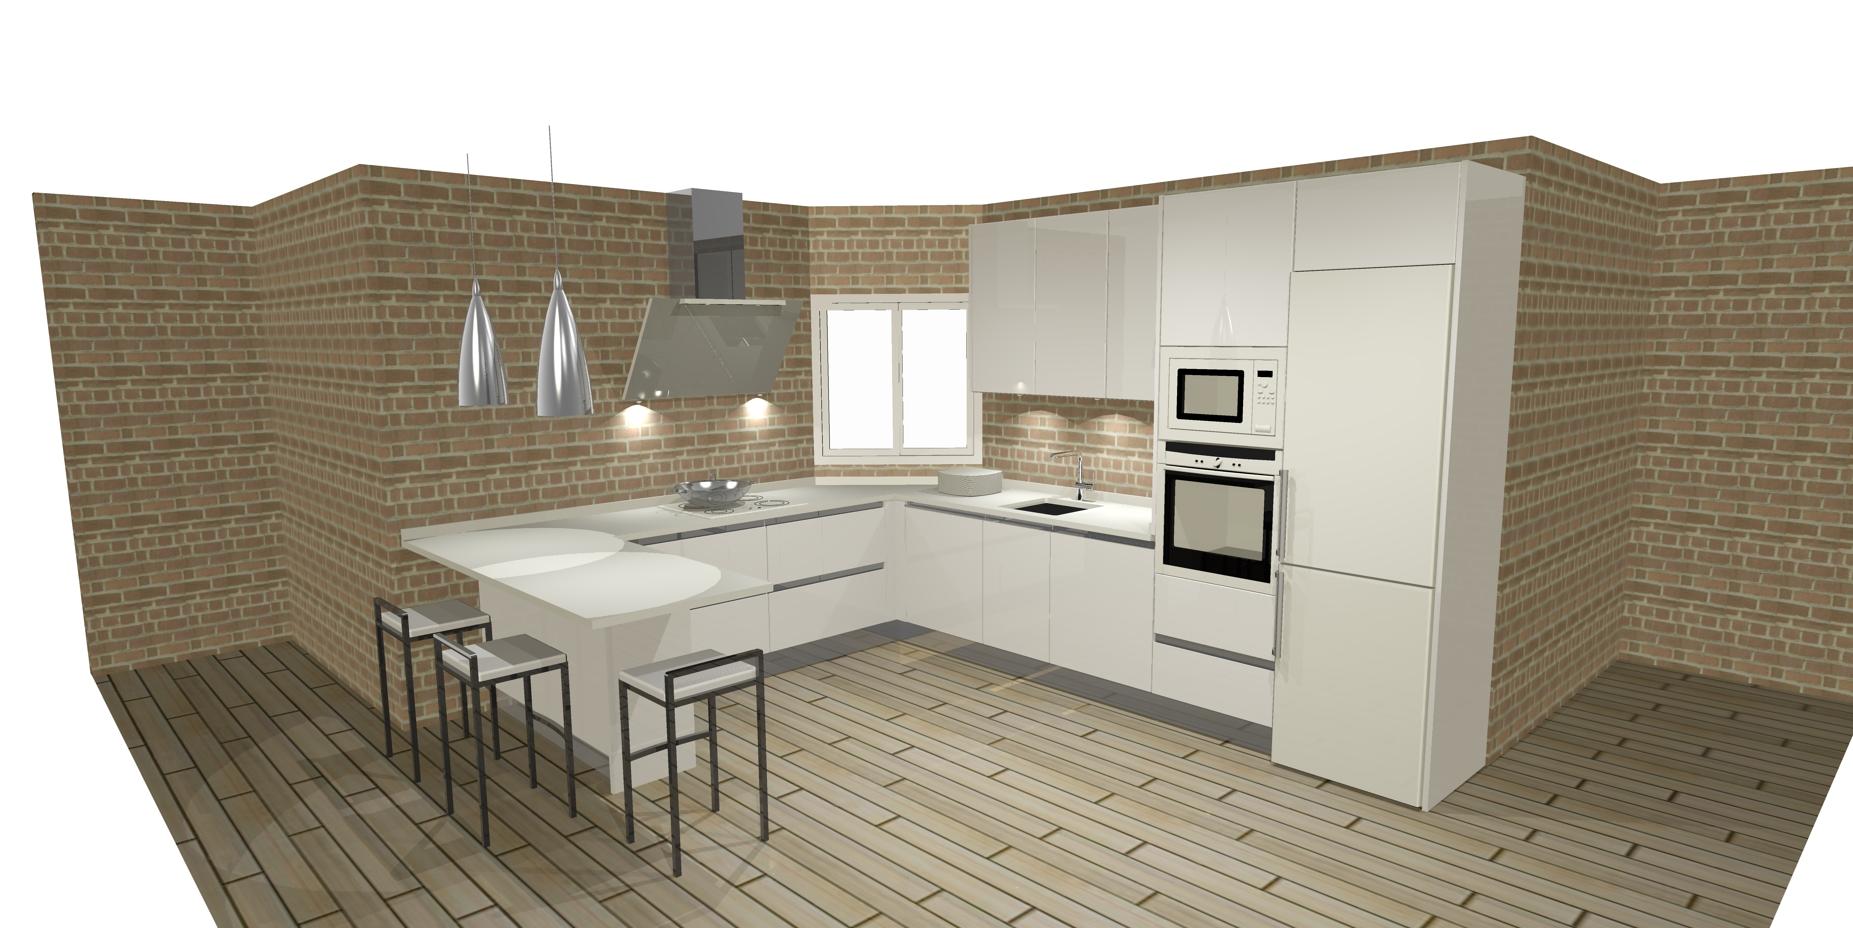 Dise os de cocinas con pen nsula cocinas artnova sevilla for Disenos de cocinas